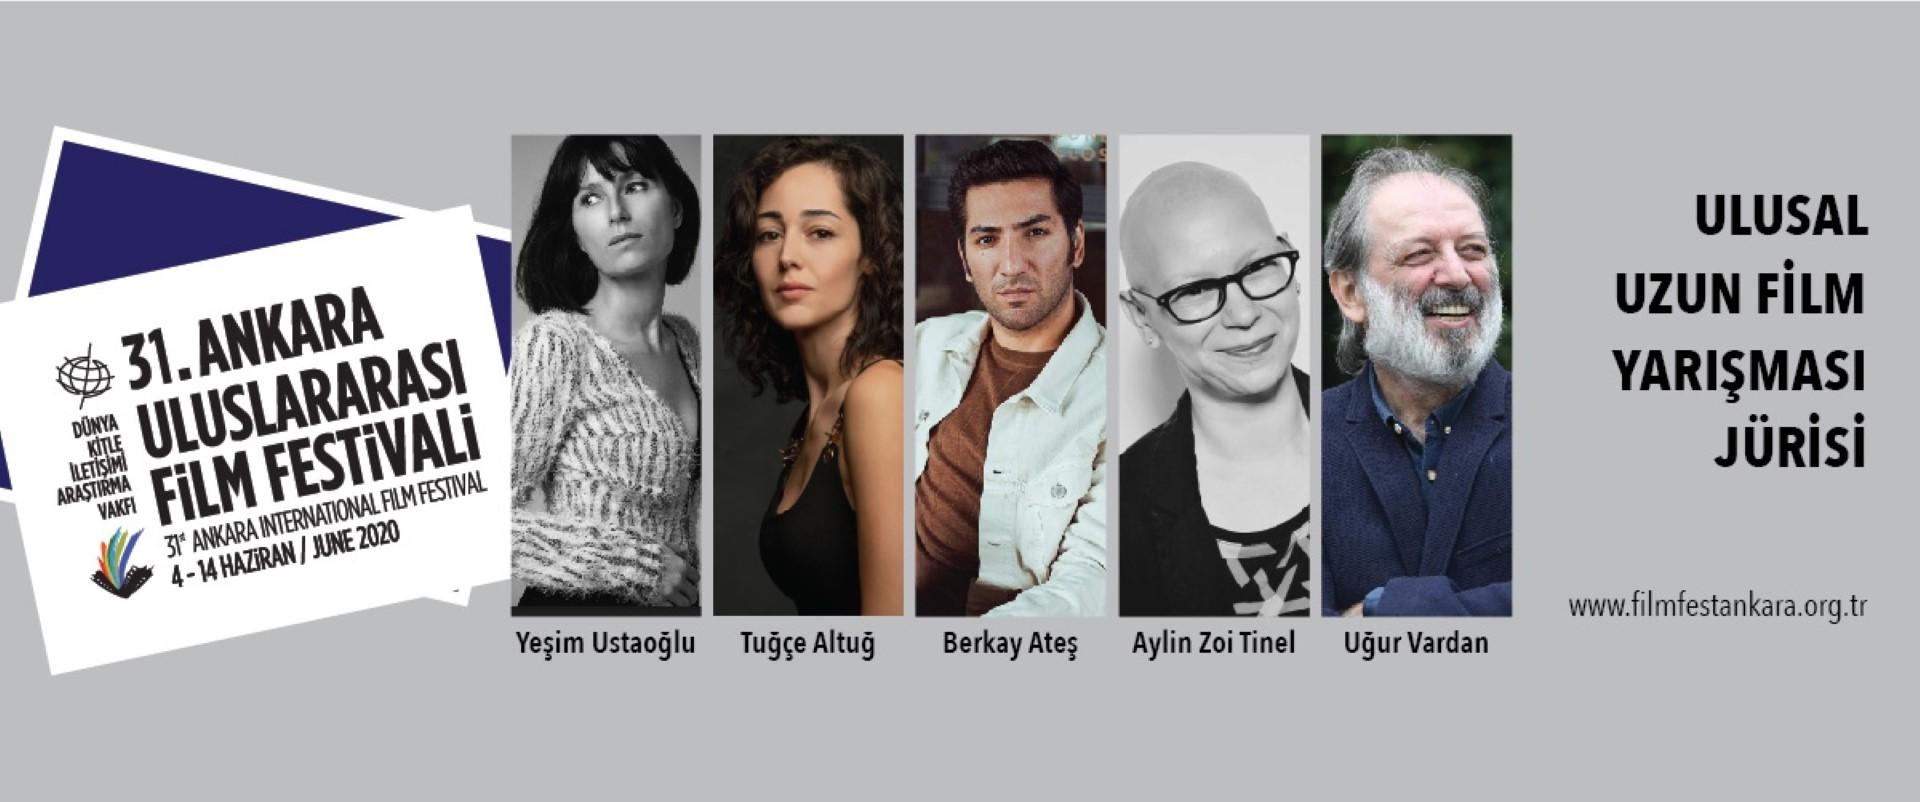 31. Ankara Uluslararası Film Festivali Ulusal Uzun Film Yarışması Jürisi Belirlendi